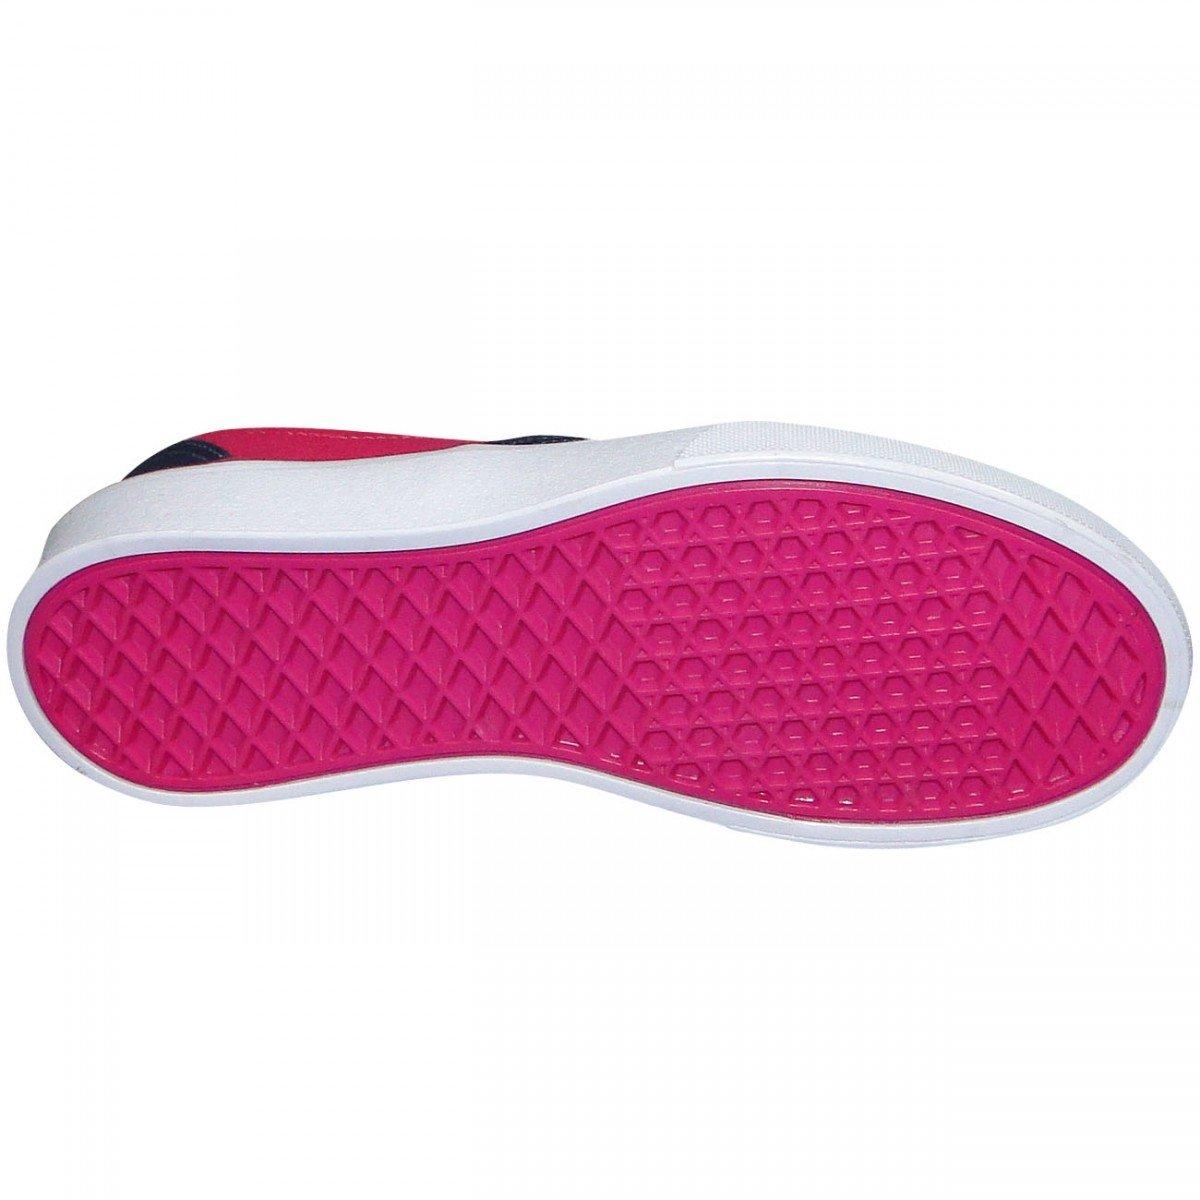 Tênis Store Marinho Marinho Tênis e Pink Nesk Tênis Nesk Store e Store Pink Nesk AnUC8qZw